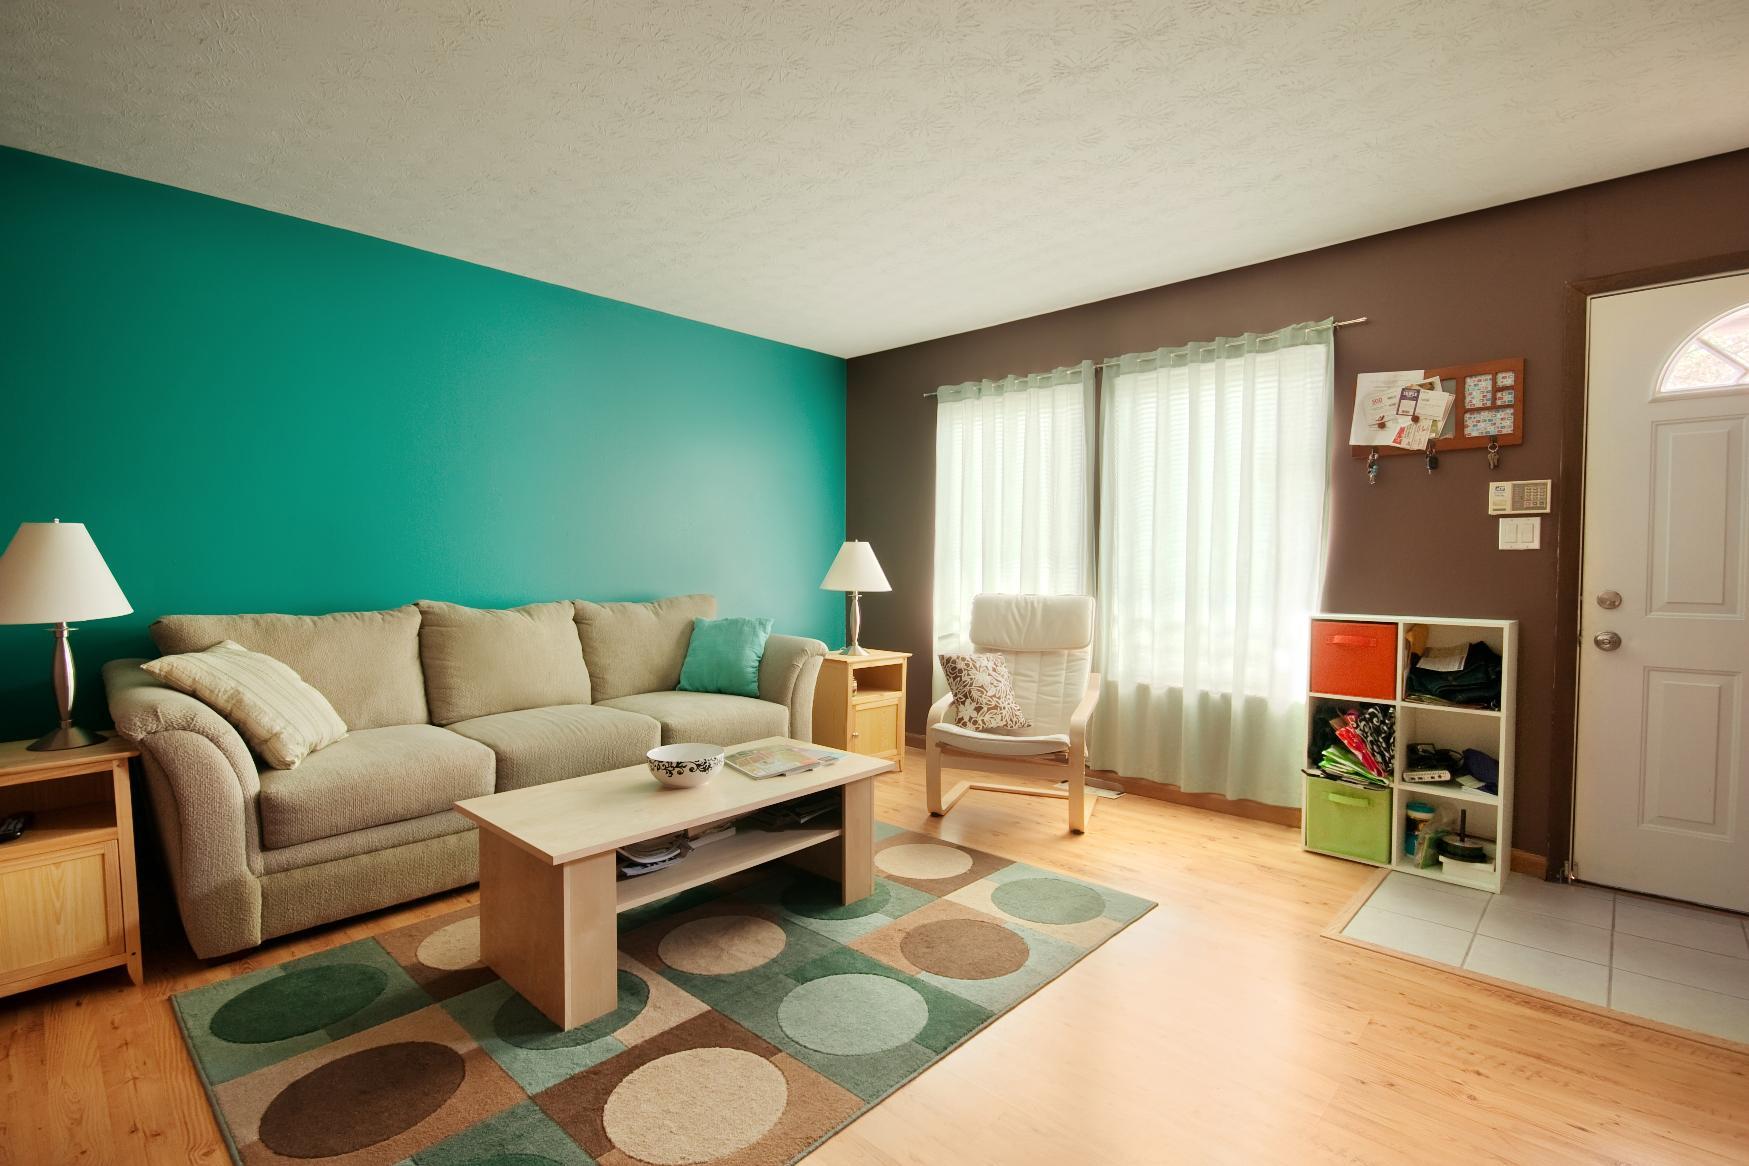 метры северная сторона комнат правильные цвета фото ополоснуть прохладной